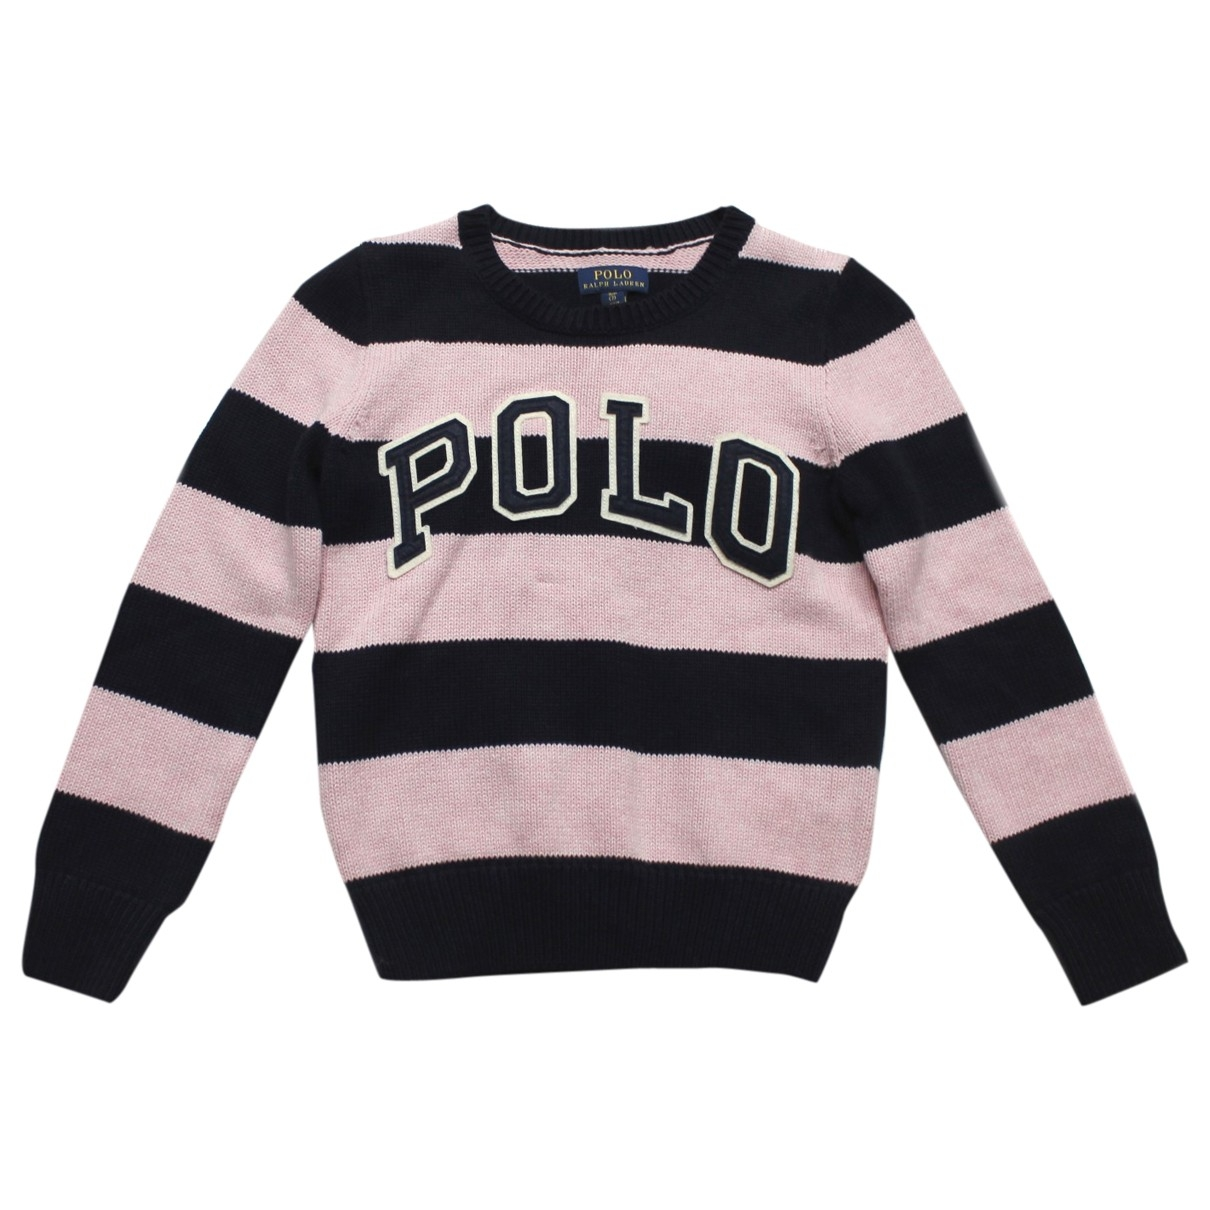 Jersey Polo Ralph Lauren